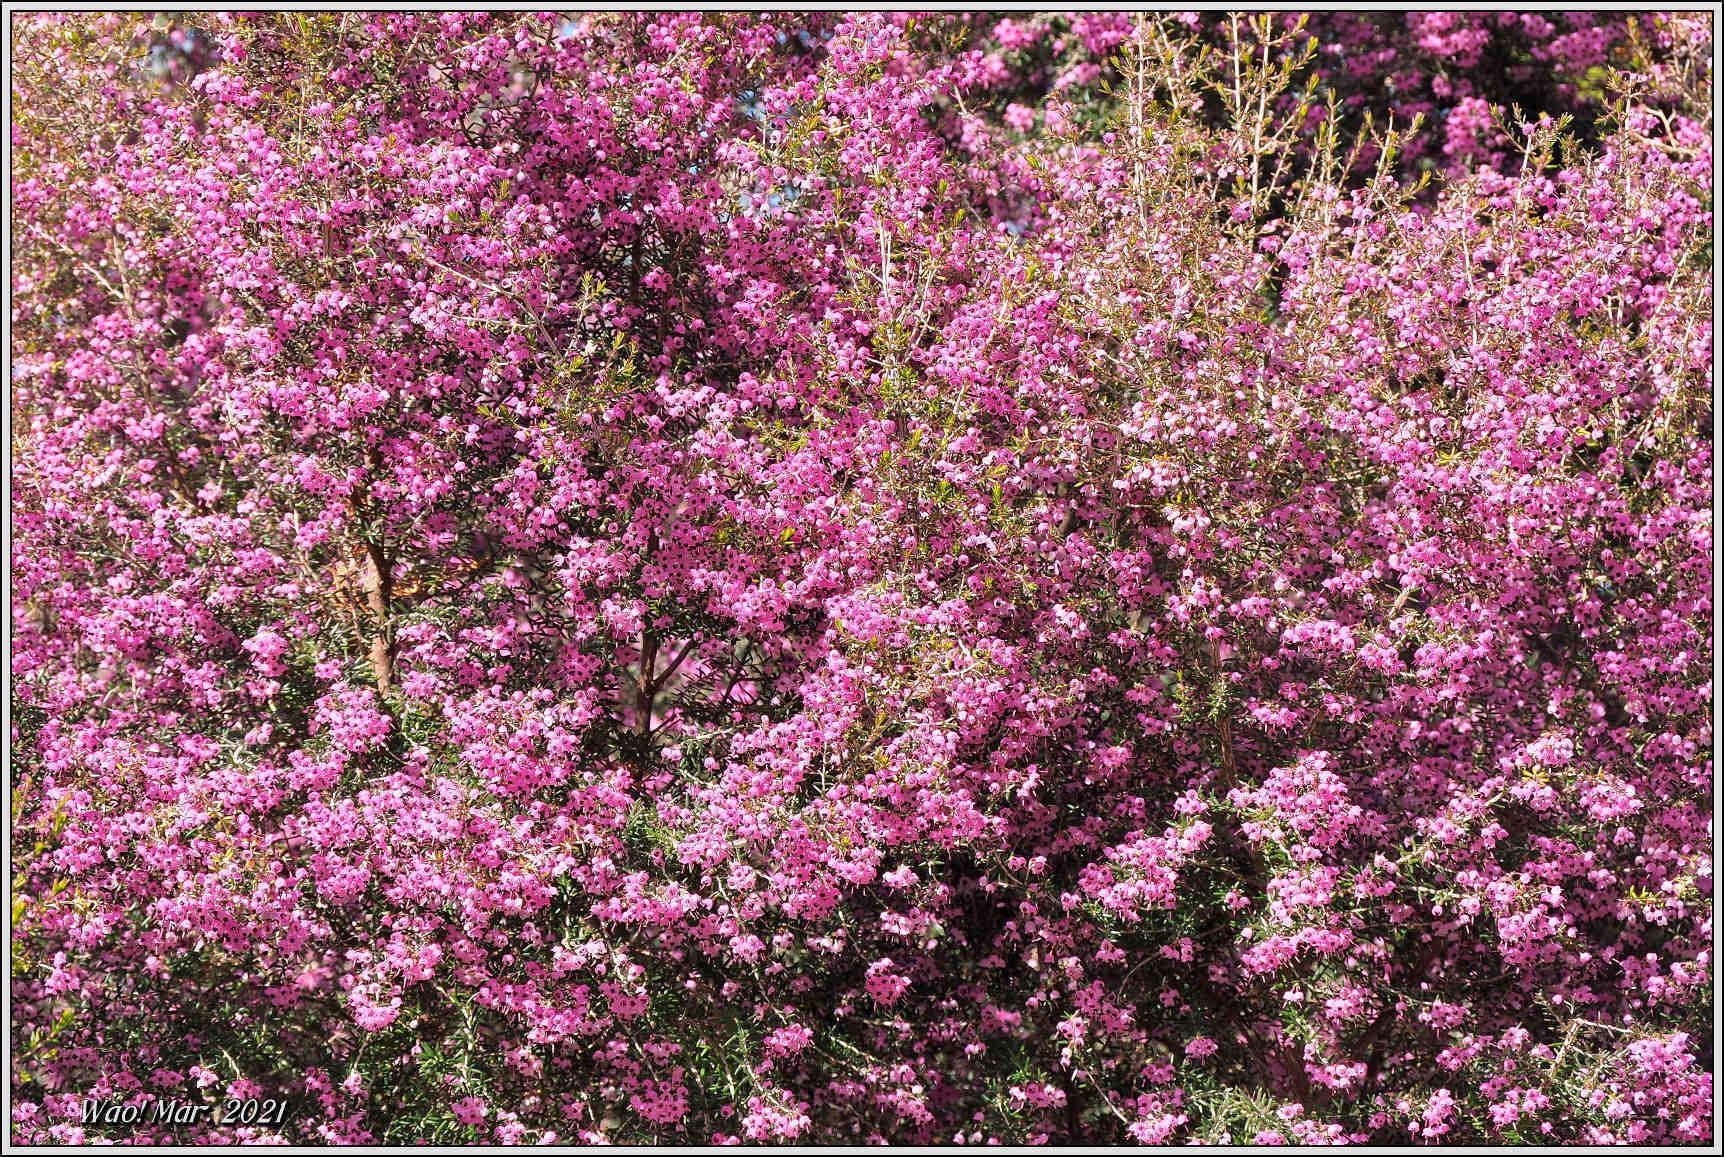 黄金色のサンシュユとピンクのジャノメエリカ_c0198669_18051011.jpg